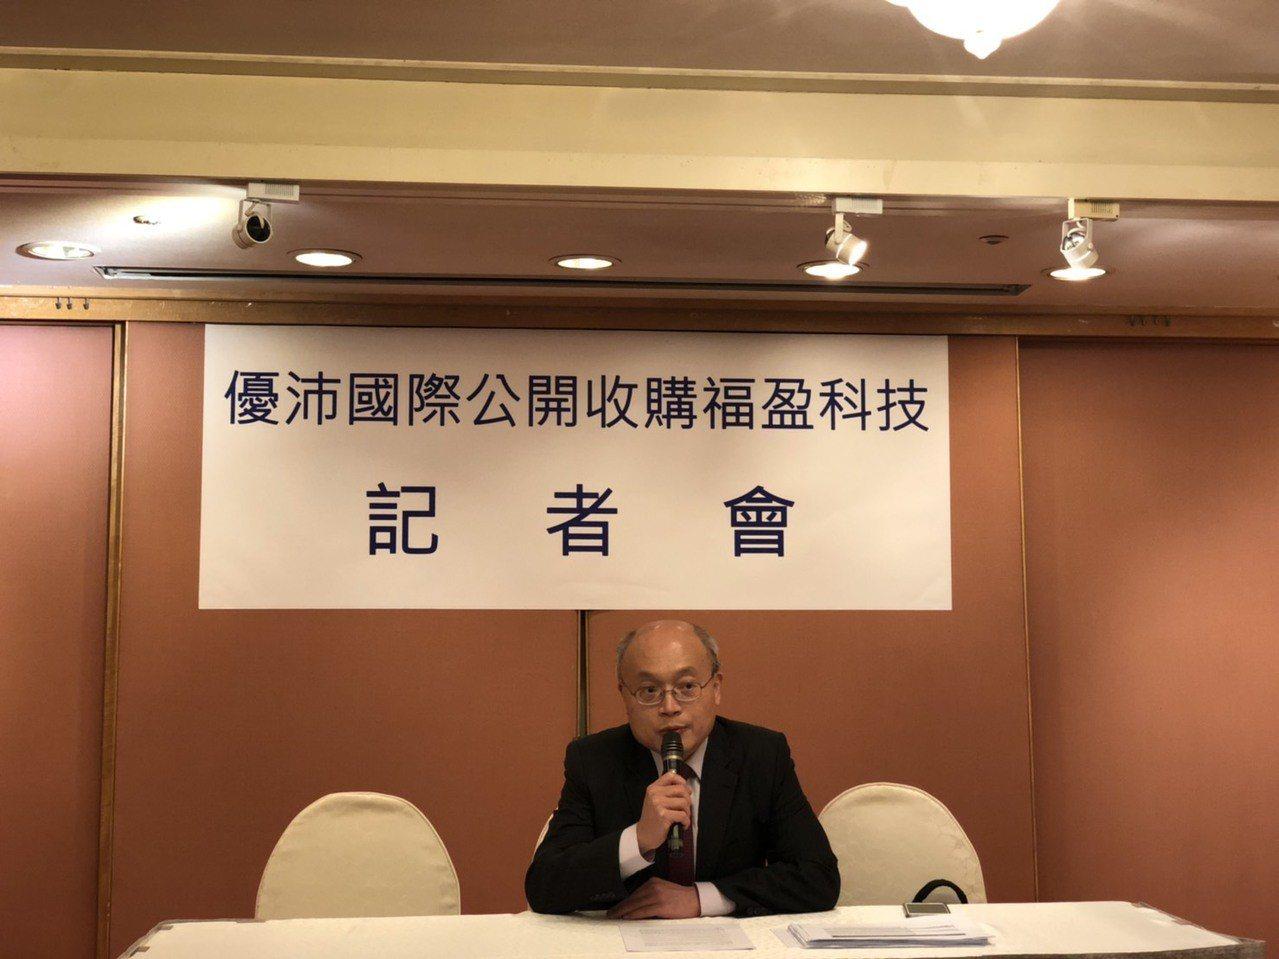 亞洲基金董事總經理兼優沛國際董事吳忠懌表示,此為亞洲基金啟動在台槓桿收購第一案。...